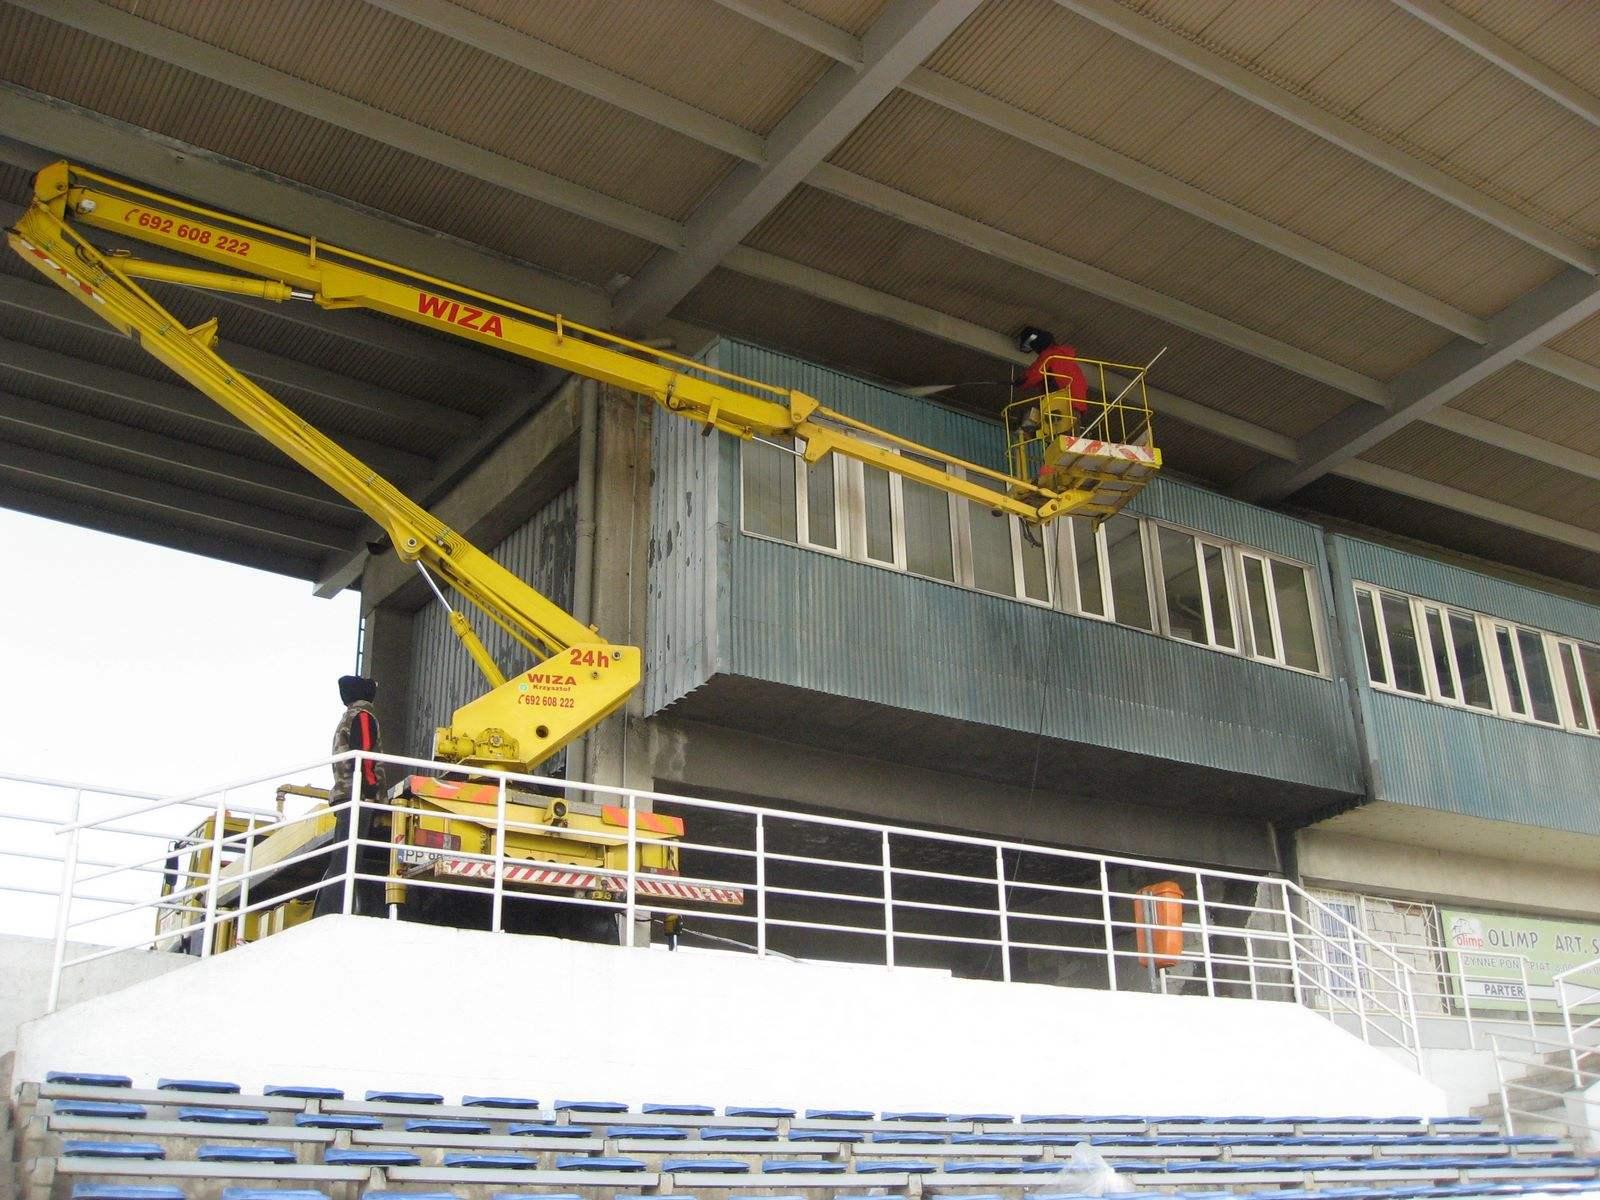 24. Stadion MOSiR Piła - czyszczenie konstrukcji stadionu